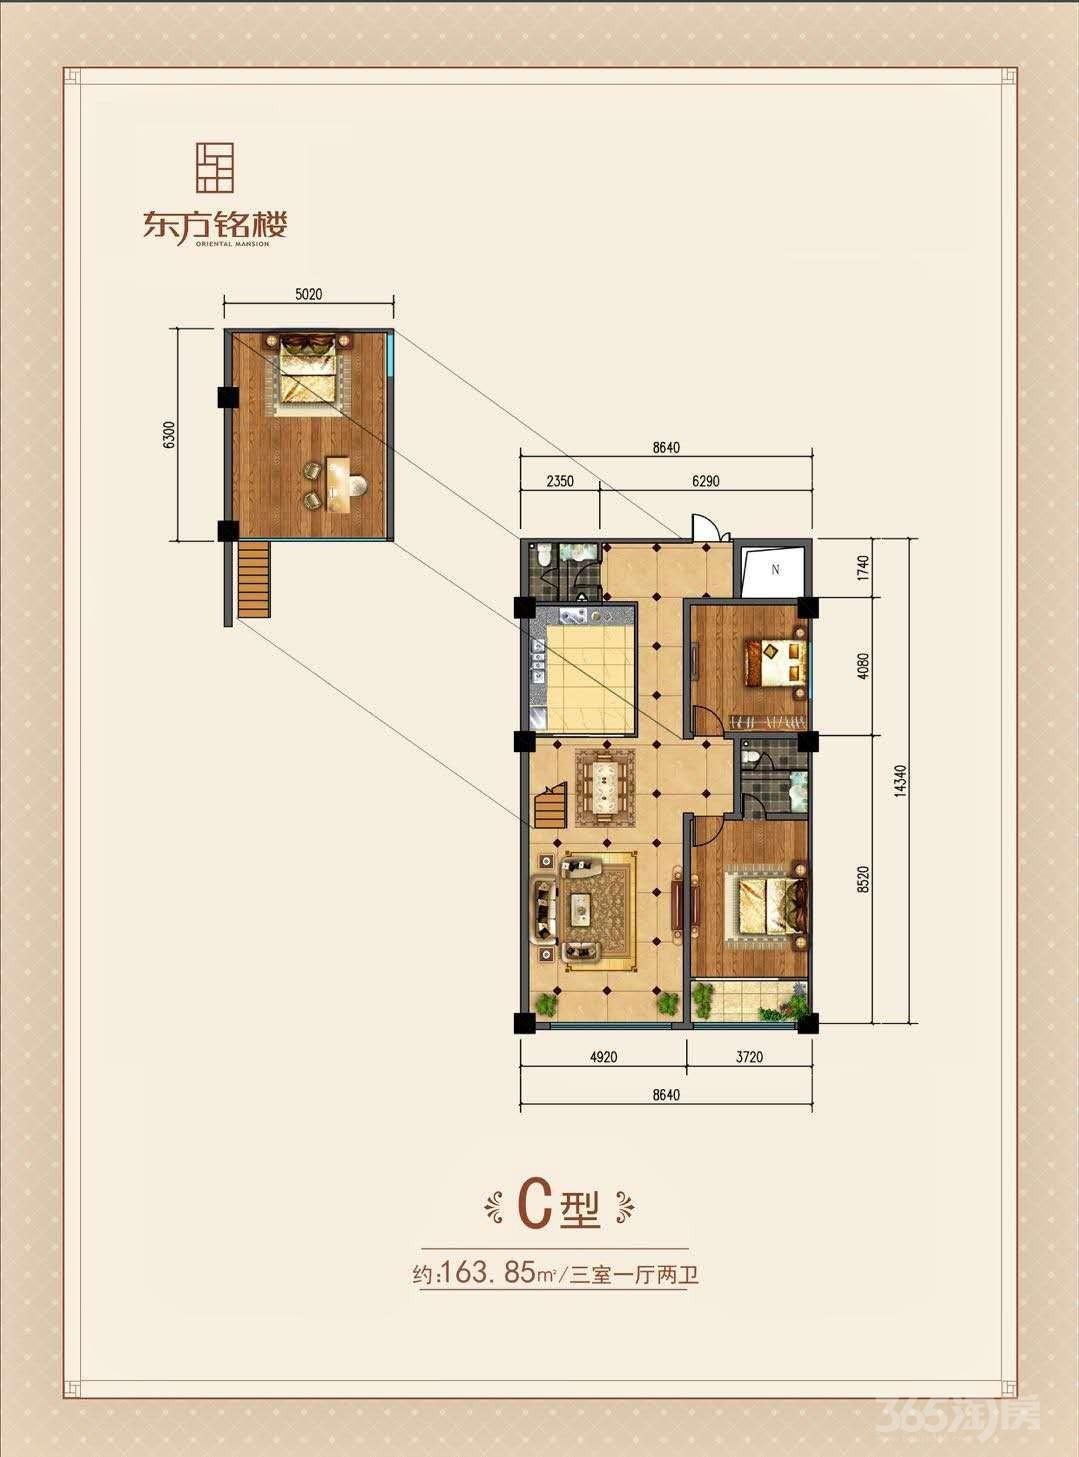 东方铭楼2室1厅1卫188万元85.68平方